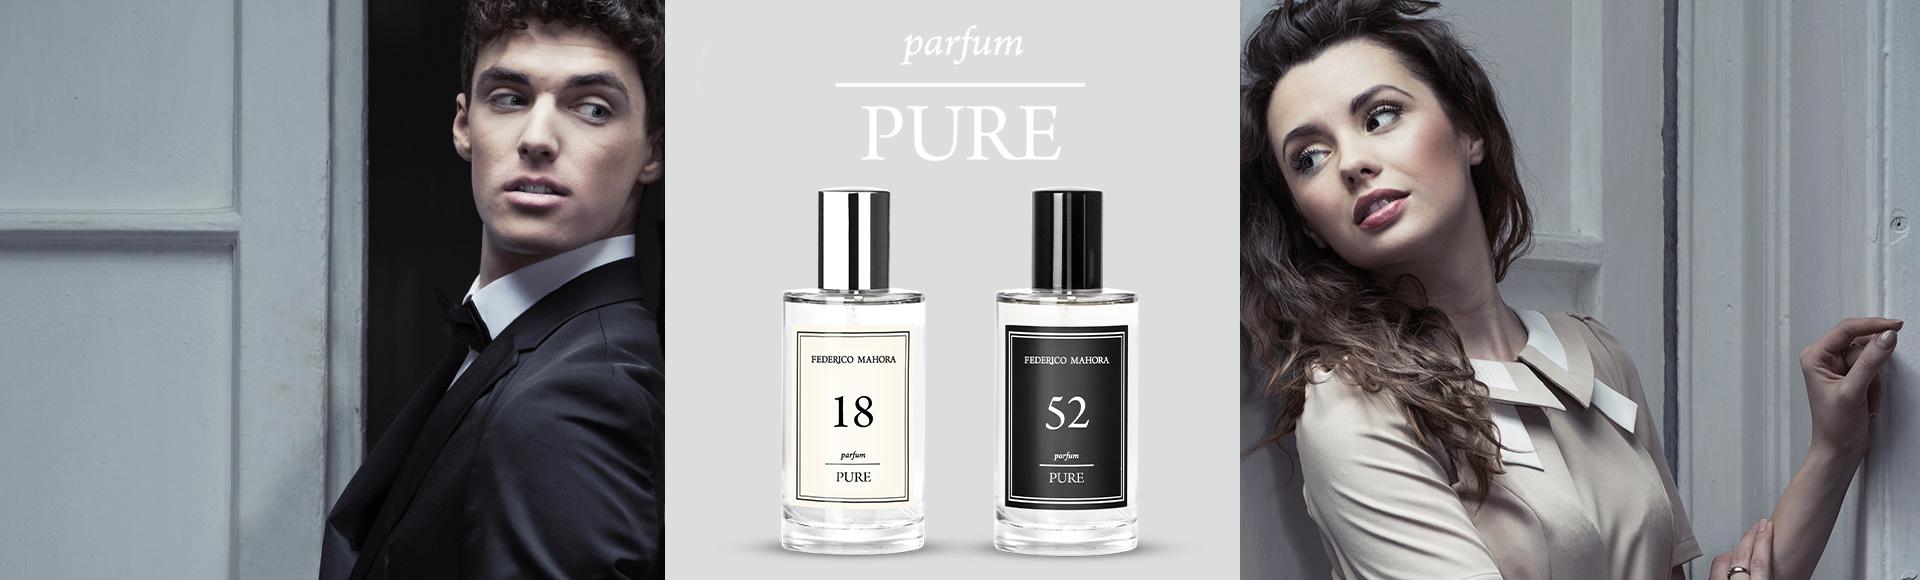 FM Parfum Shop, de webshop  voor al uw parfum producten van FM. banner 2